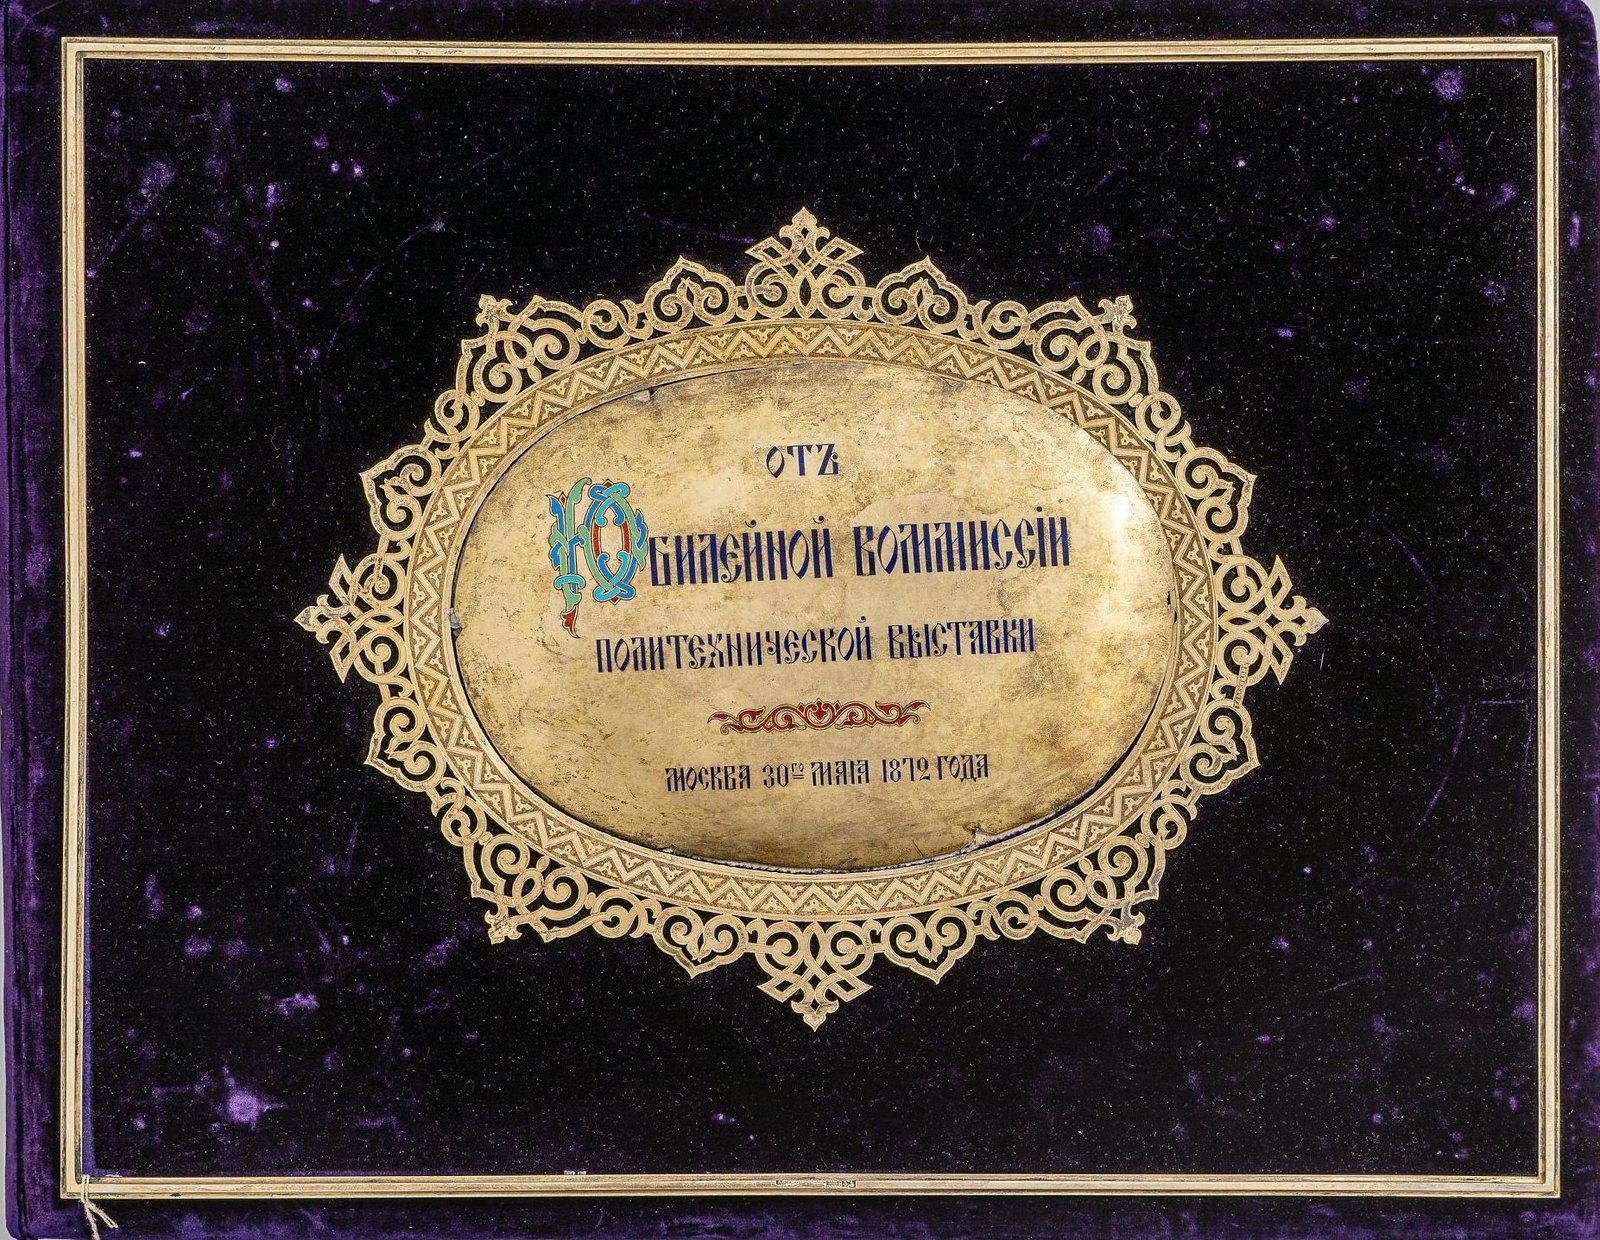 1872. Празднование 200-летнего юбилея Петра Первого в Москве